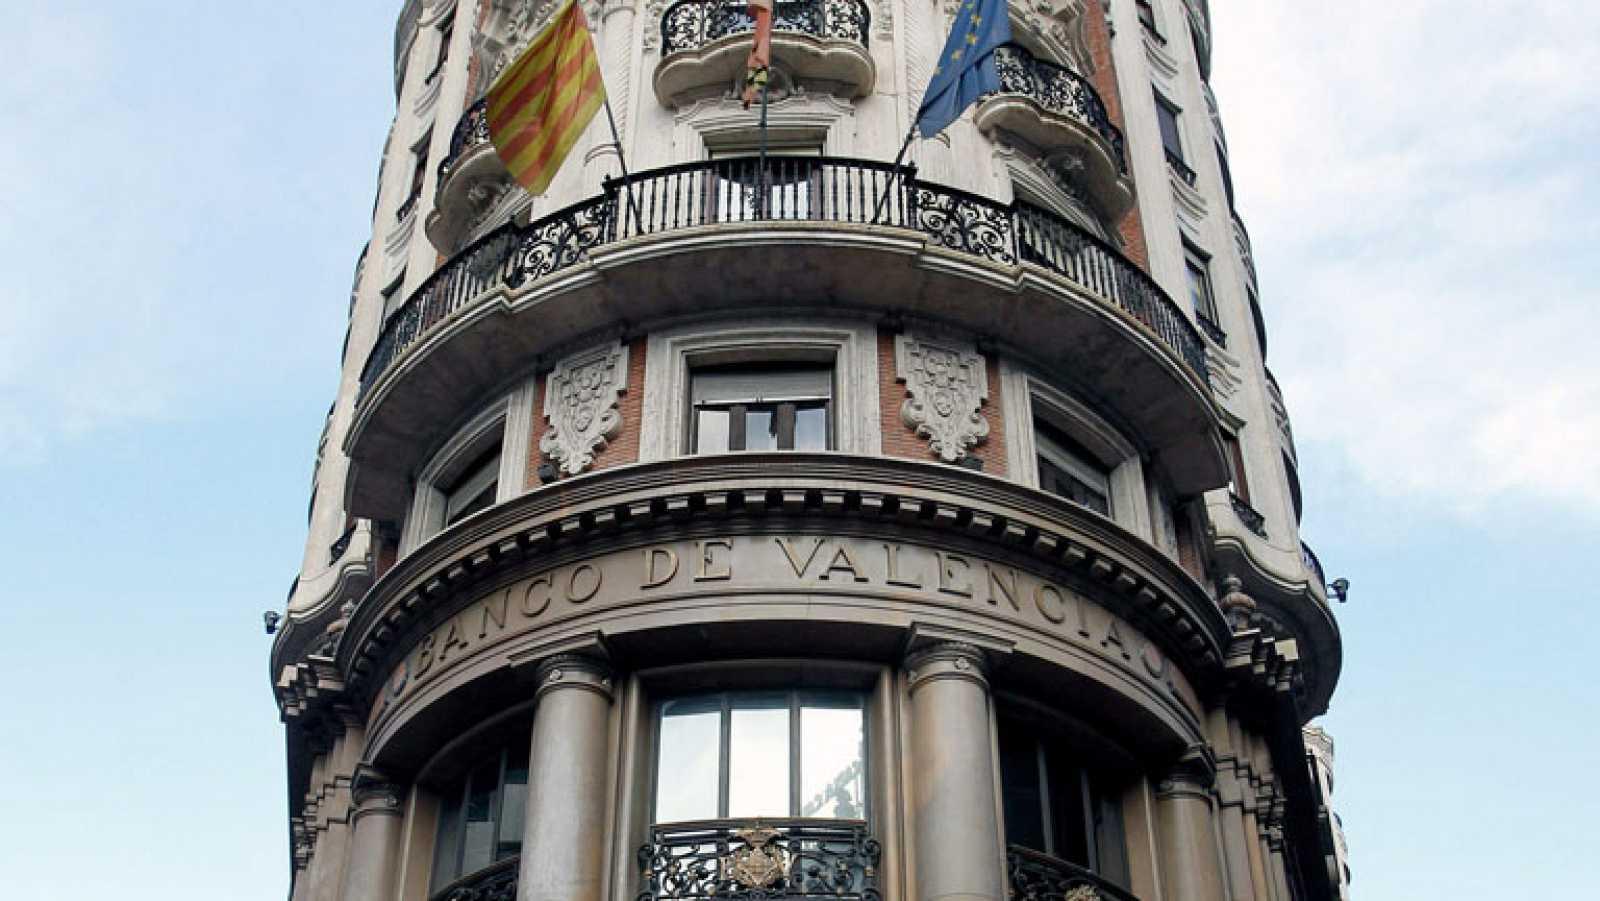 El FROB adjudica el Banco de Valencia a La Caixa por el precio simbólico de un euro tras inyectarle 4.500 millones